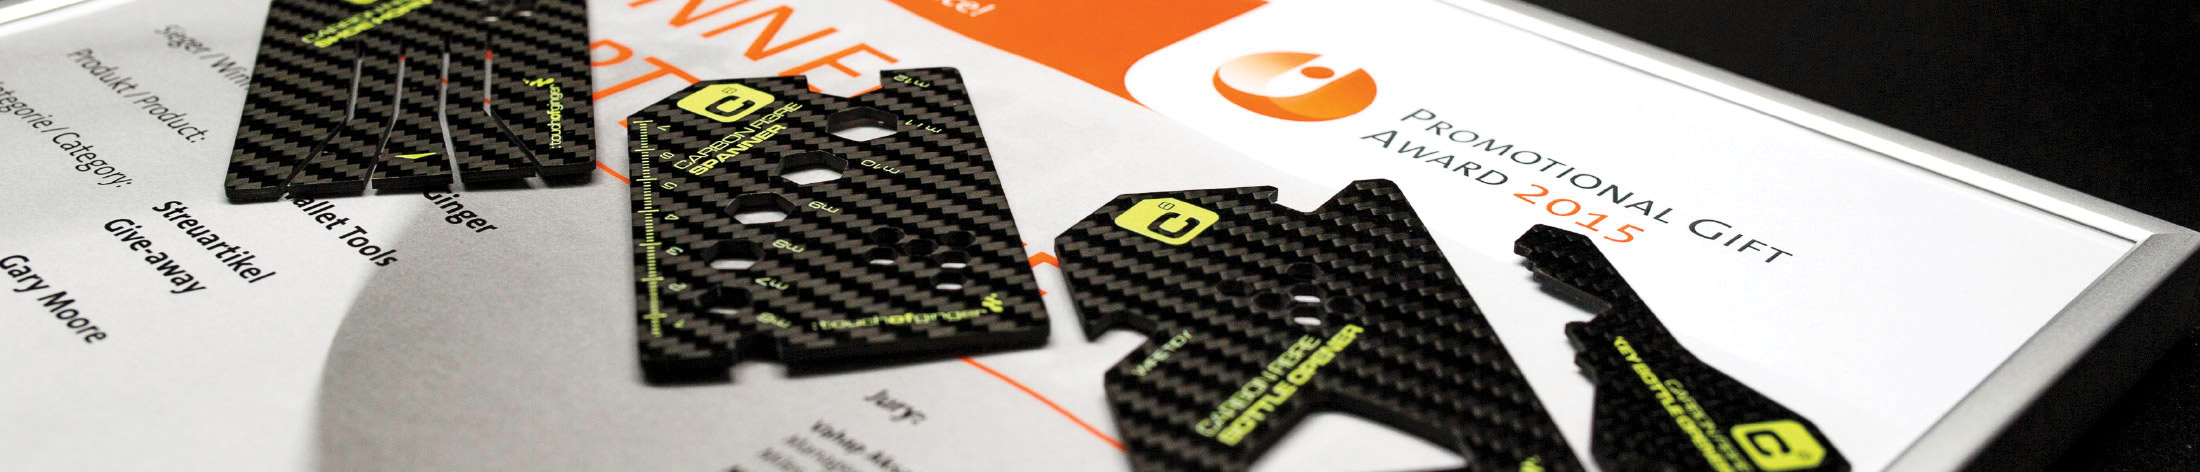 Carbon fibre wallet tools